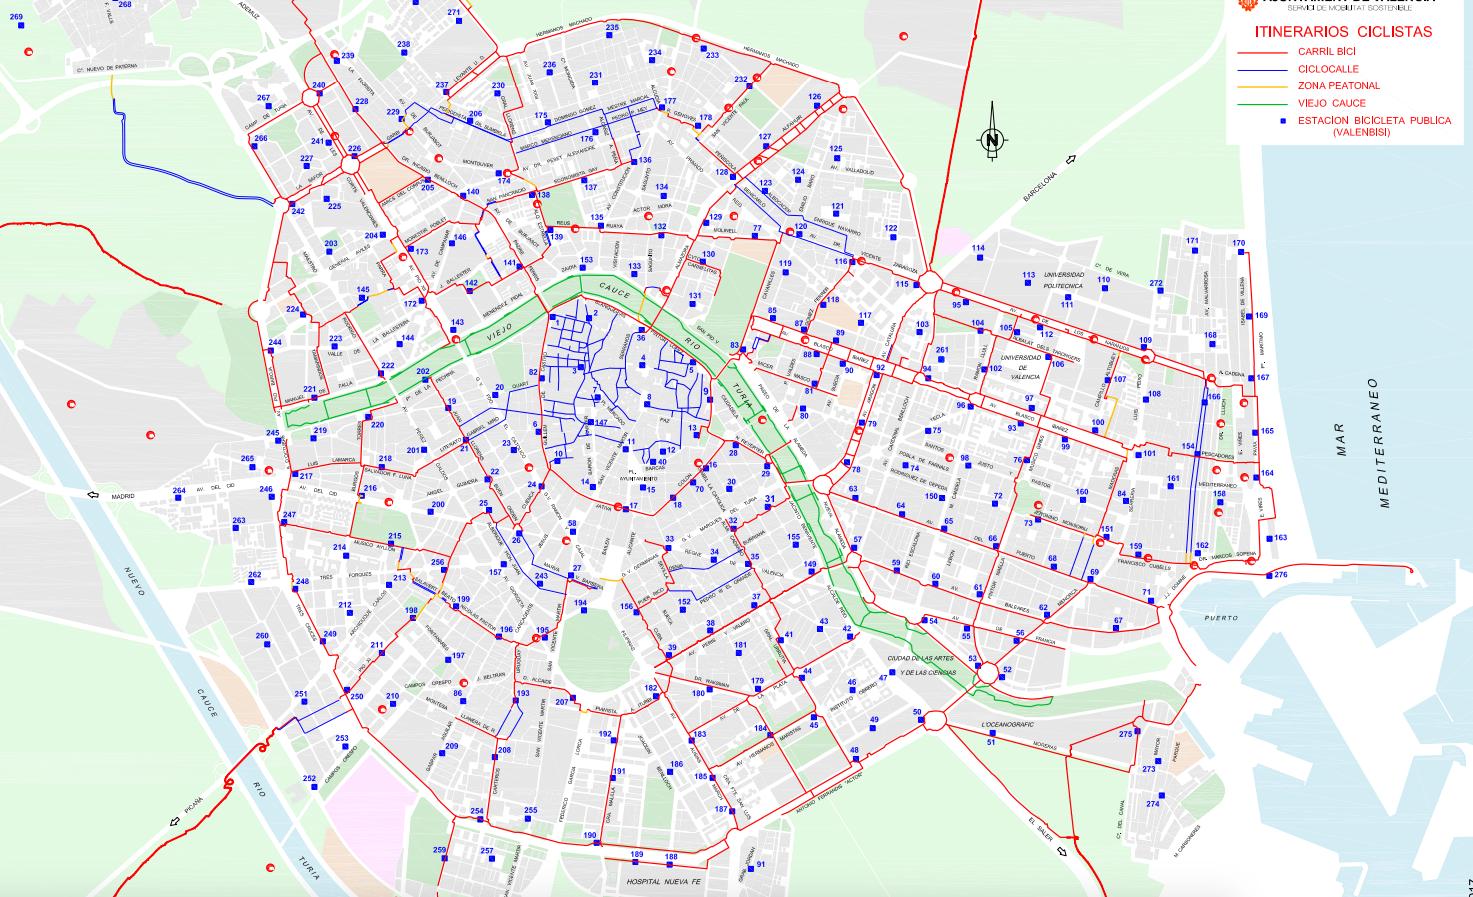 Mapa Fallas Valencia 2019.Mapa De Carril Bici De Valencia 2017 Valencia Legendaria